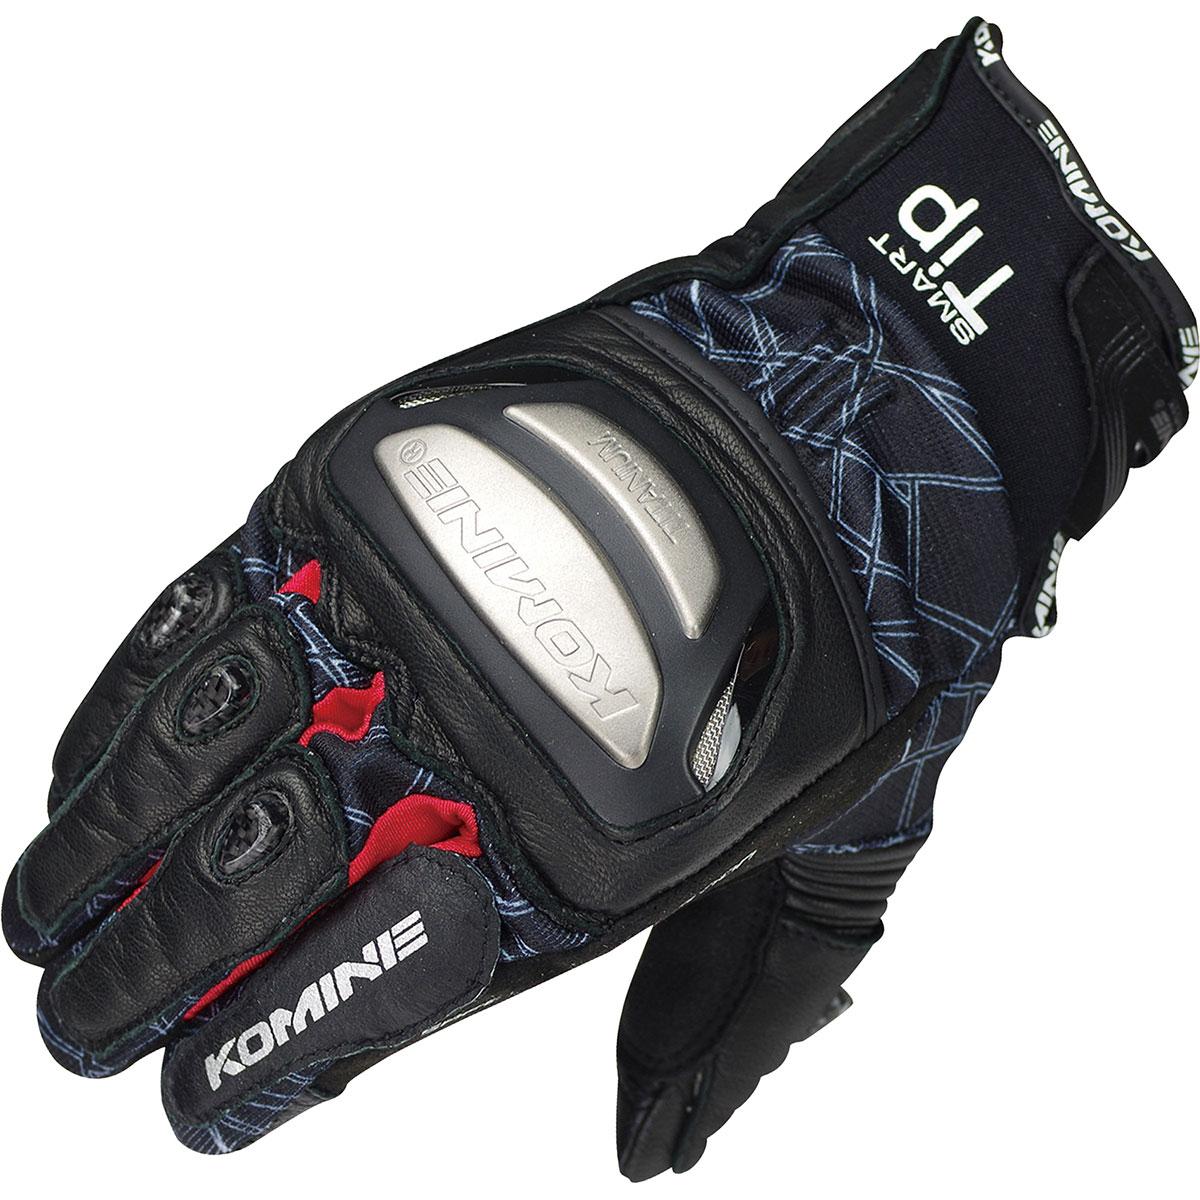 バイクウェア・プロテクター, グローブ  (Komine) Gloves GK-214 L 06-214BKRDL